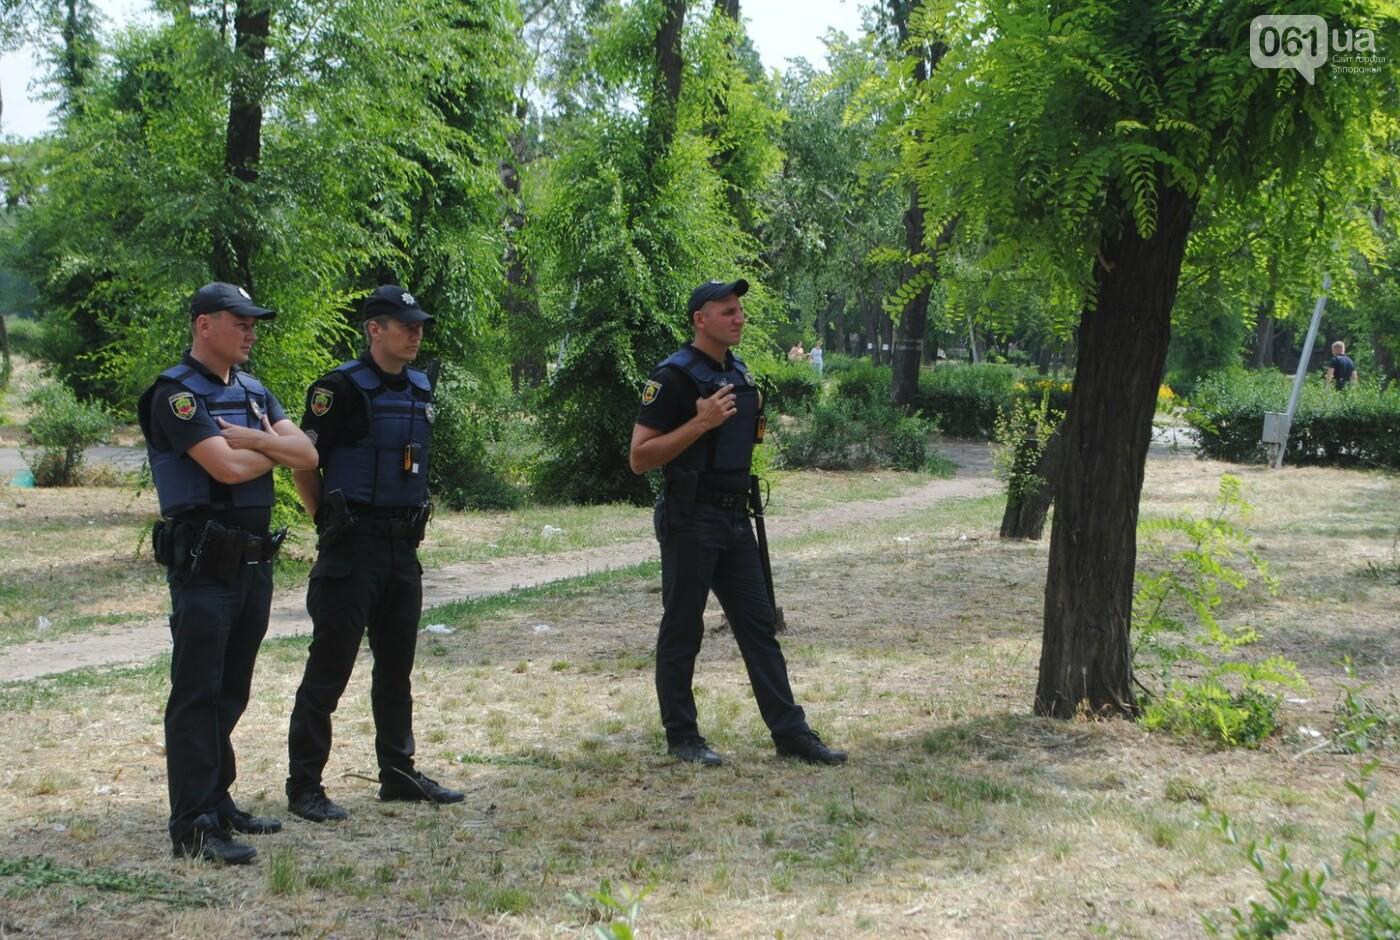 Протест в парке Яланского в лицах, - колоритный ФОТОРЕПОРТАЖ, фото-4